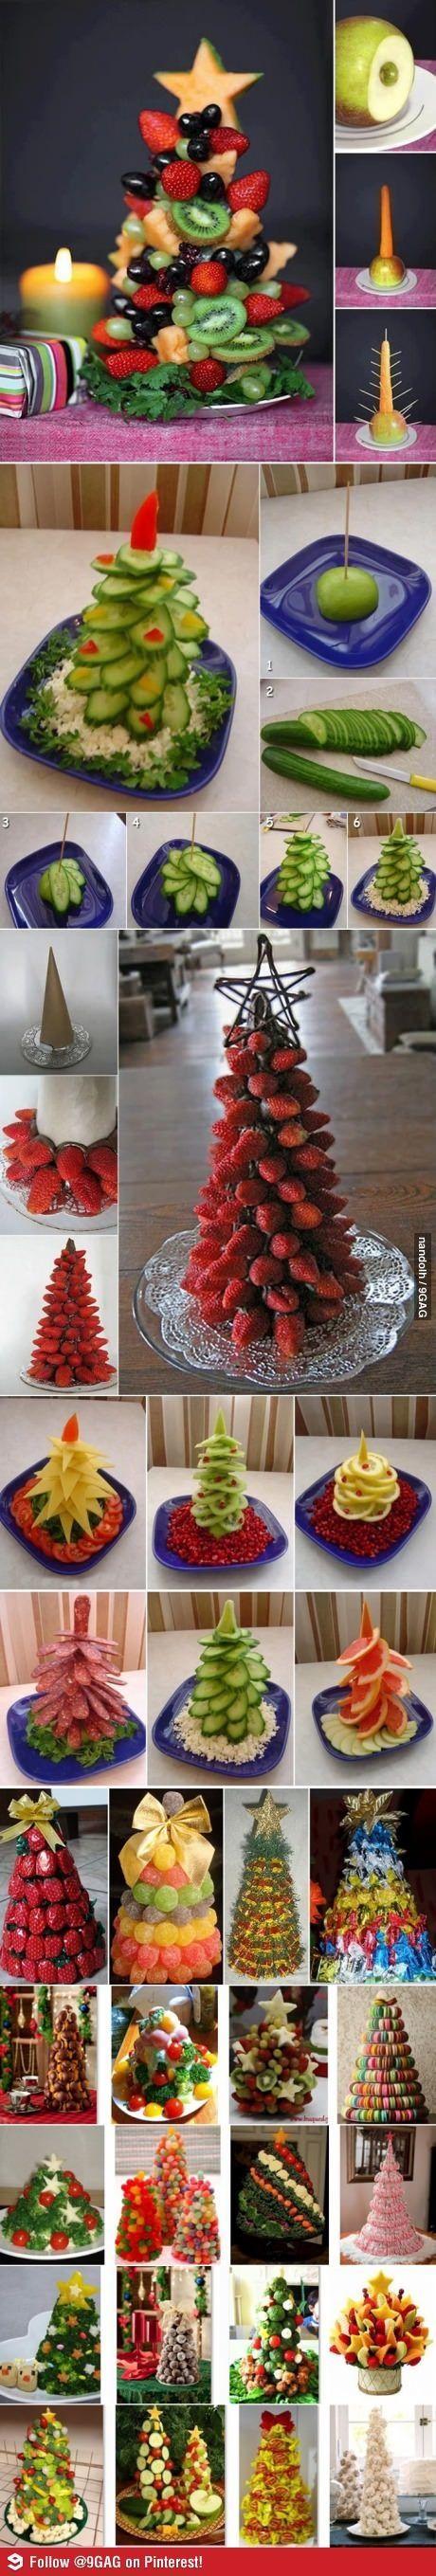 Muhteşem Meyve Süsleme Ve Sunumları 17